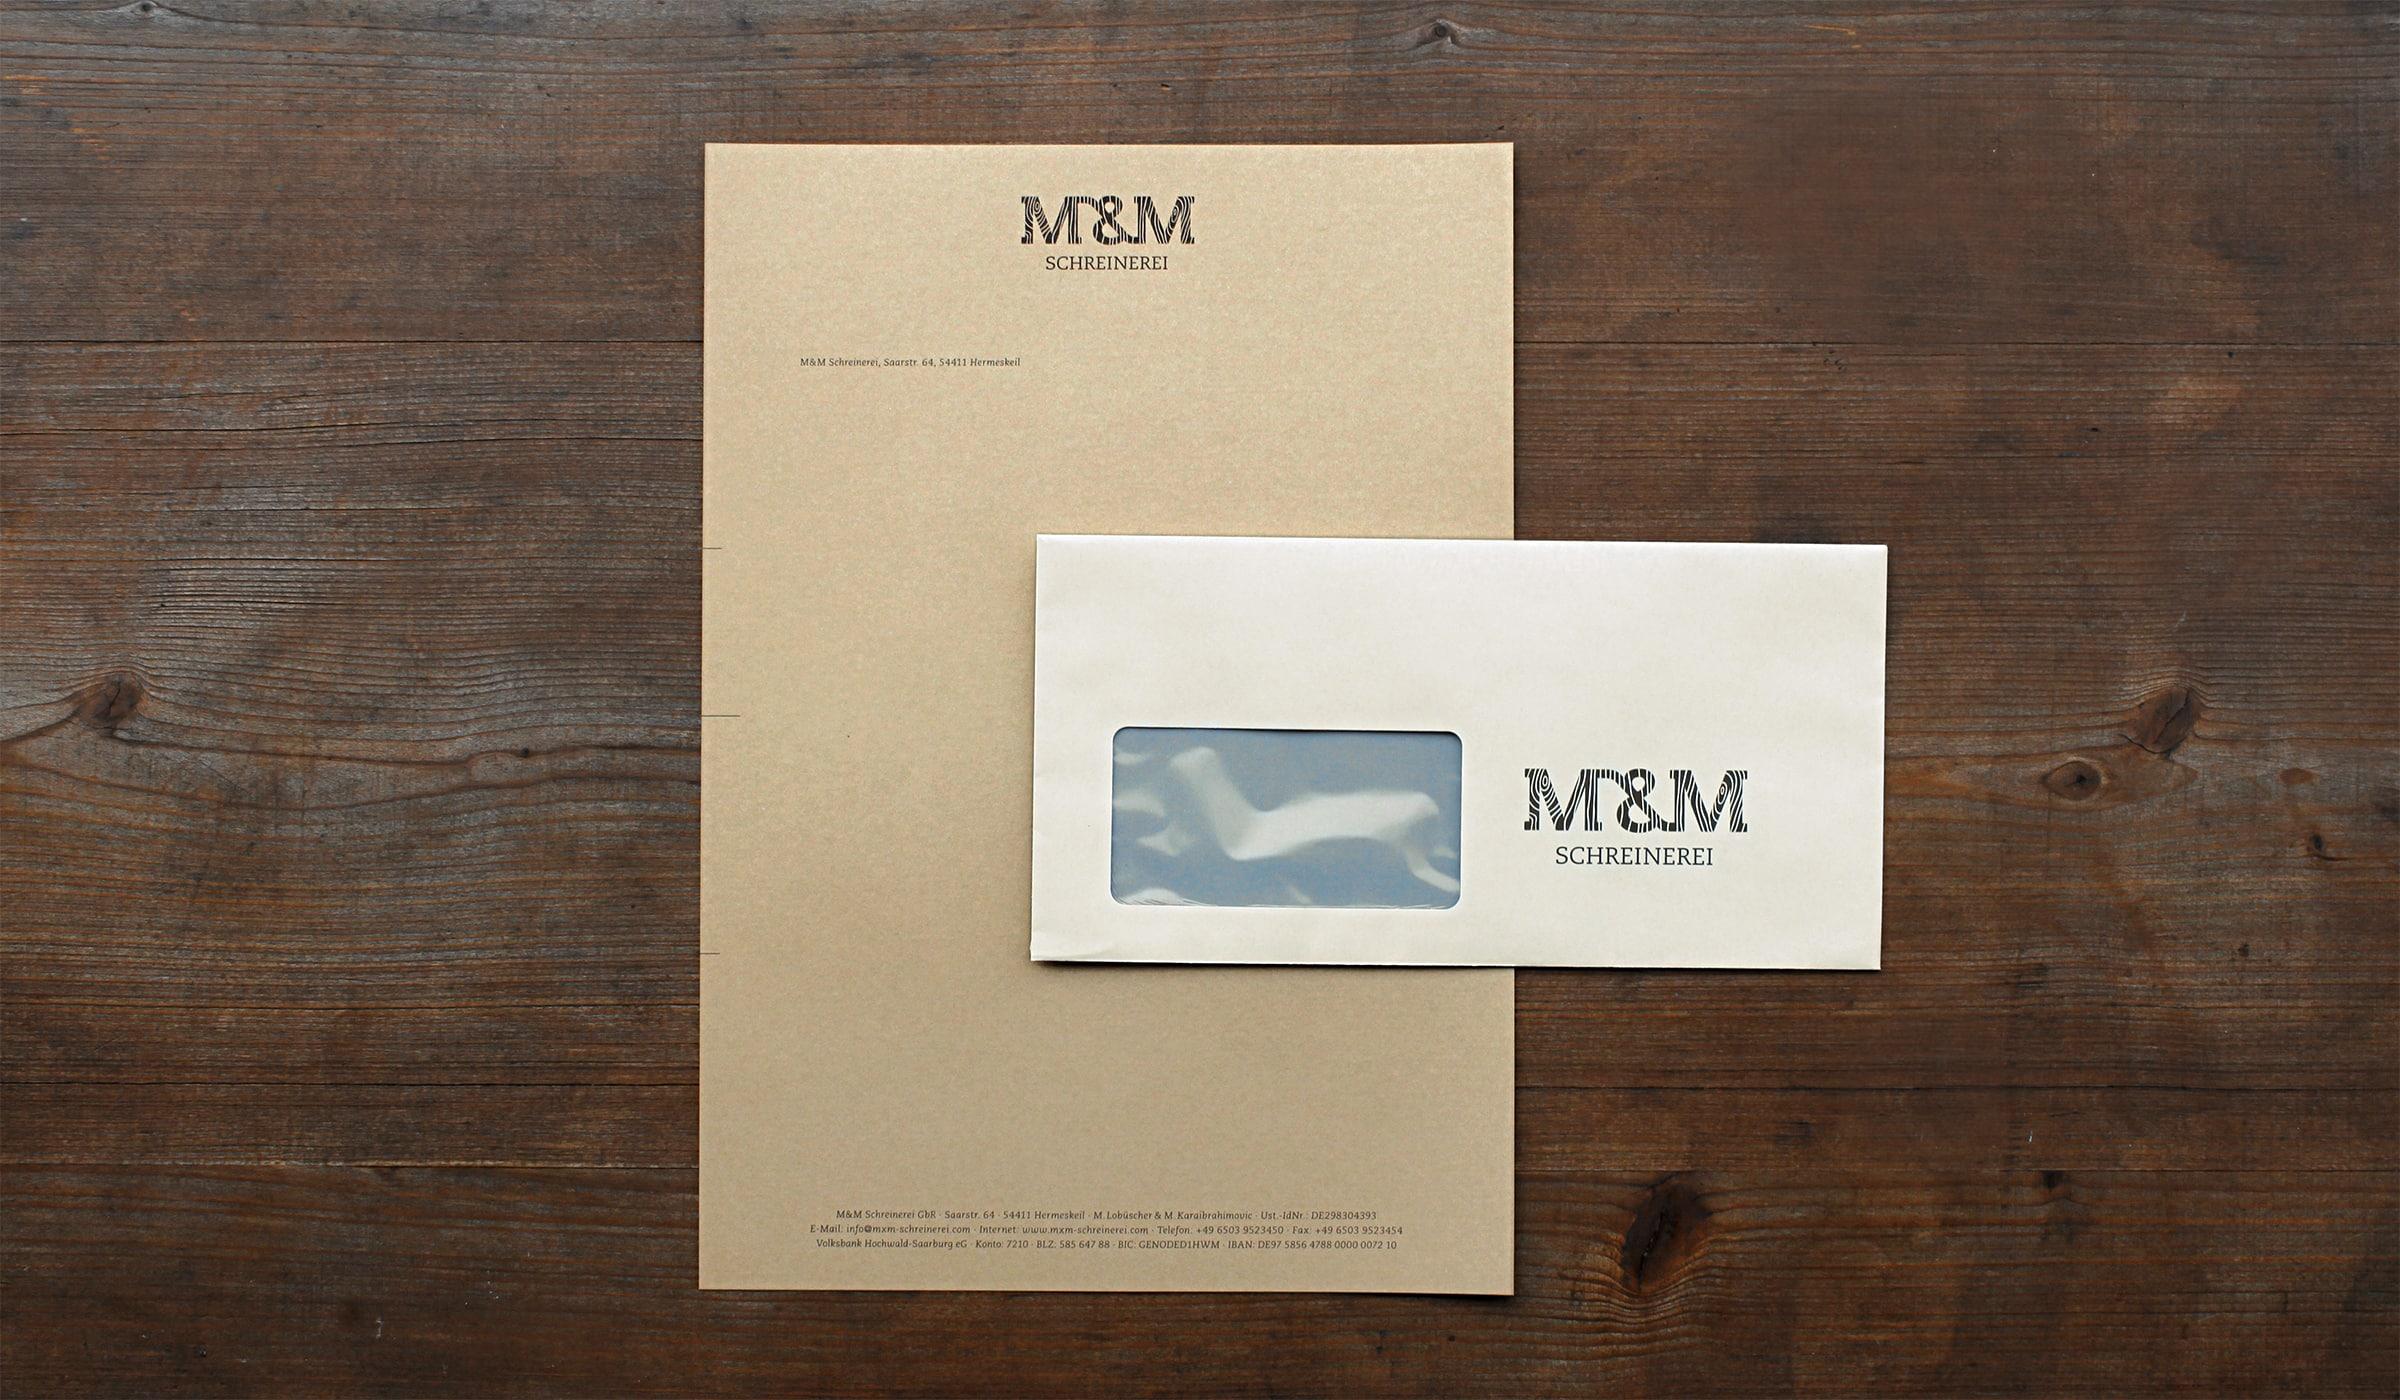 Konzeptarbeit ~ Corporate Design ~ Geschäftspapierausstattung // Geschäftspapierausstattung aus hellem und dunklem Naturpapier // M&M Schreinerei